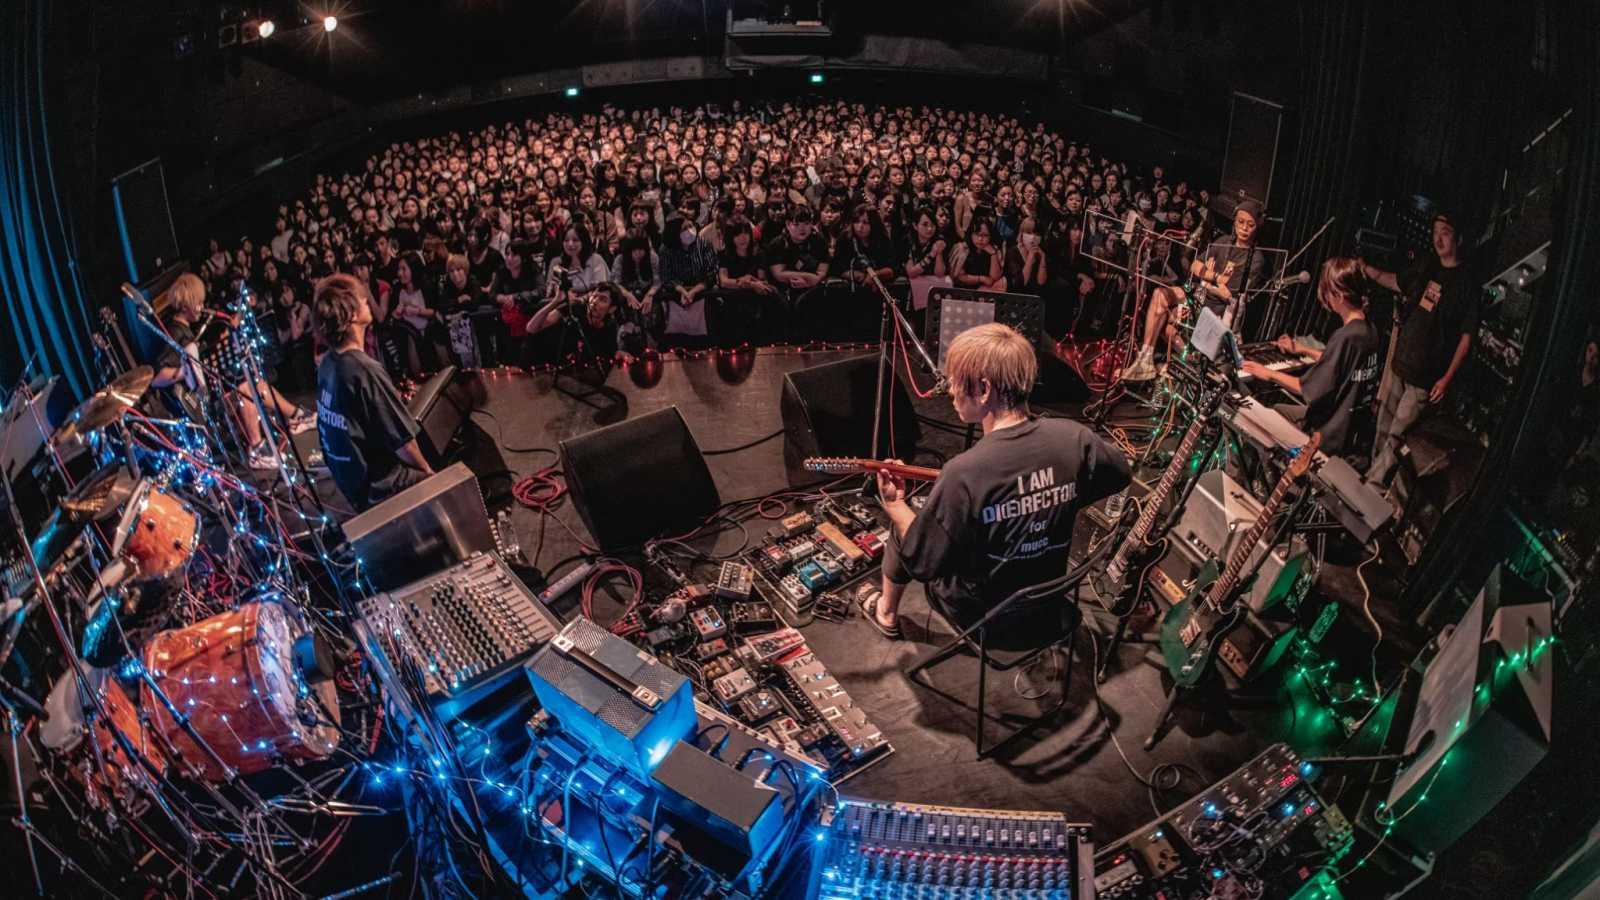 Free space -MUCC DEMO TAPE public recording Kansai edition- © Yuto Fukada